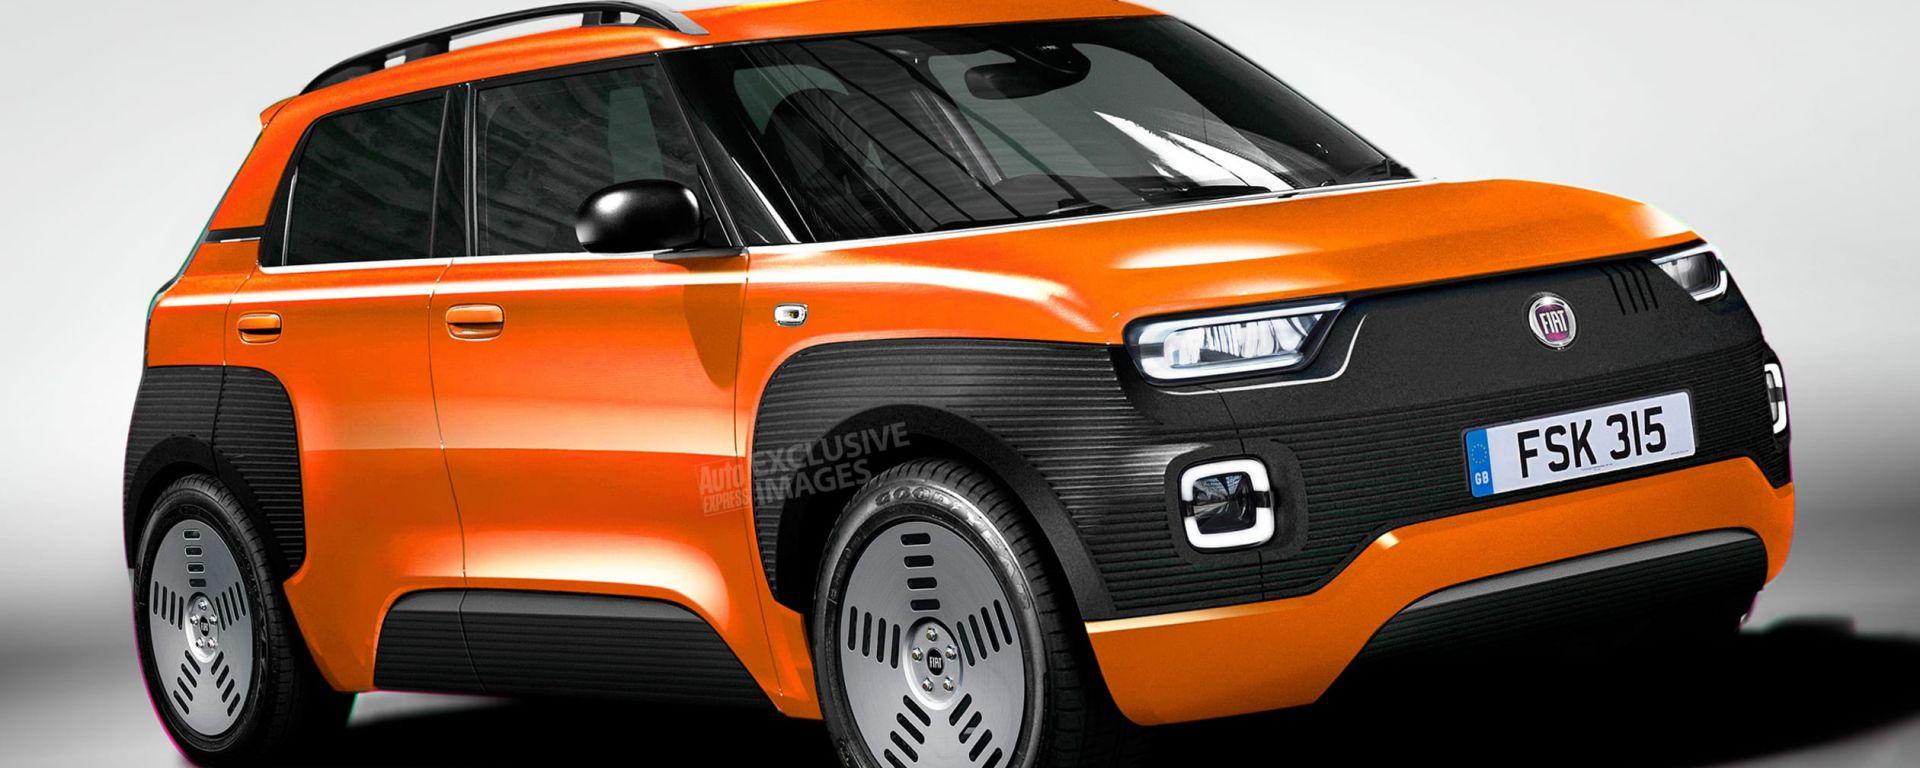 Nuova Fiat Panda: il rendering di Avarvarii